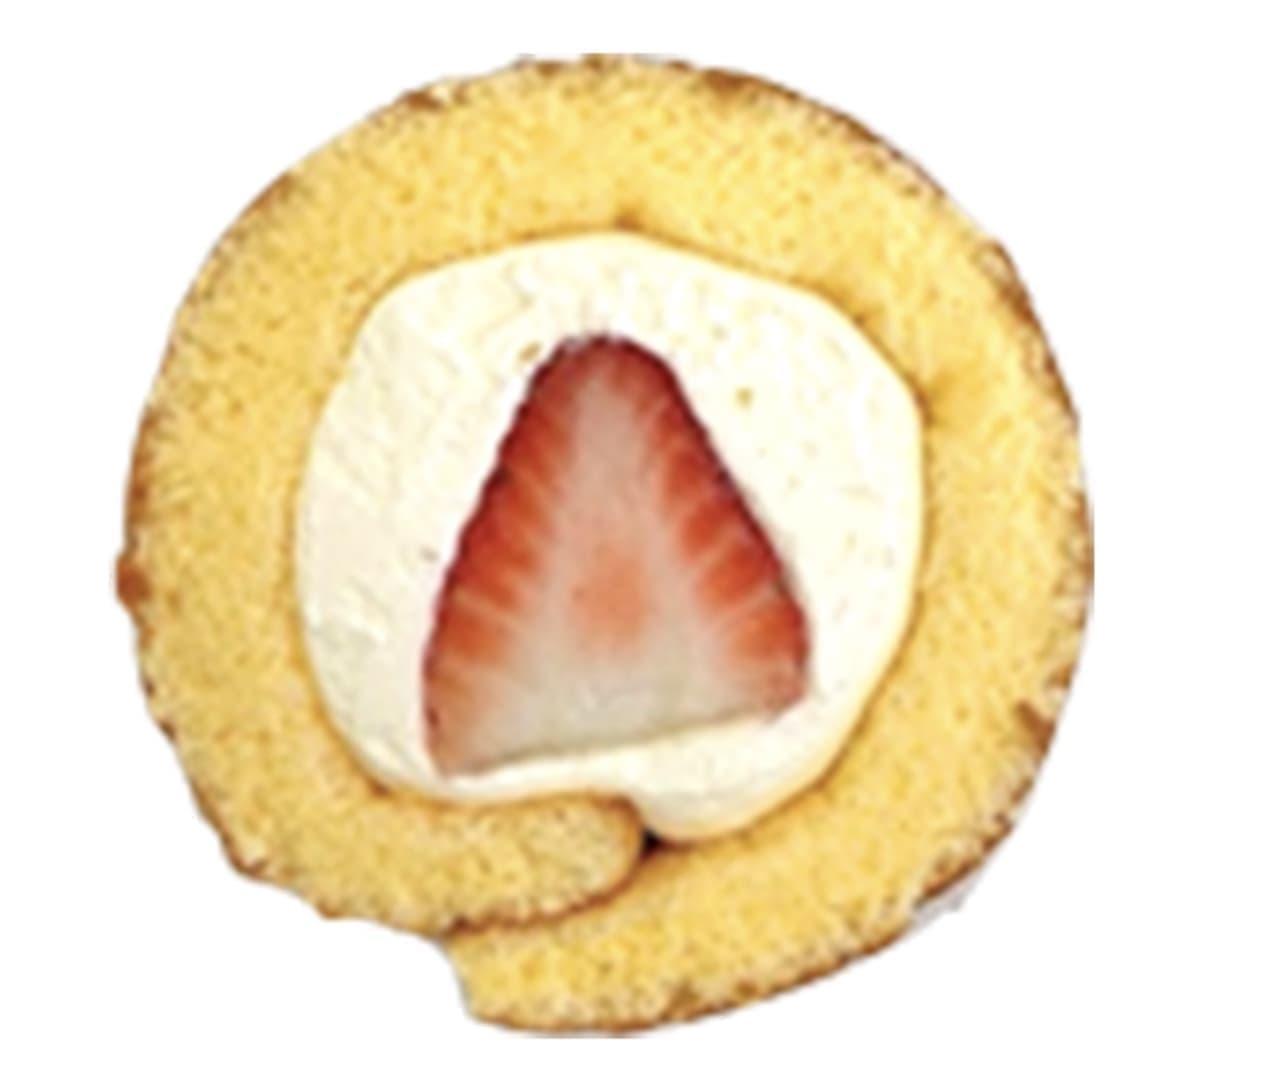 シャトレーゼ「北海道産マスカルポーネ使用 苺ロール」